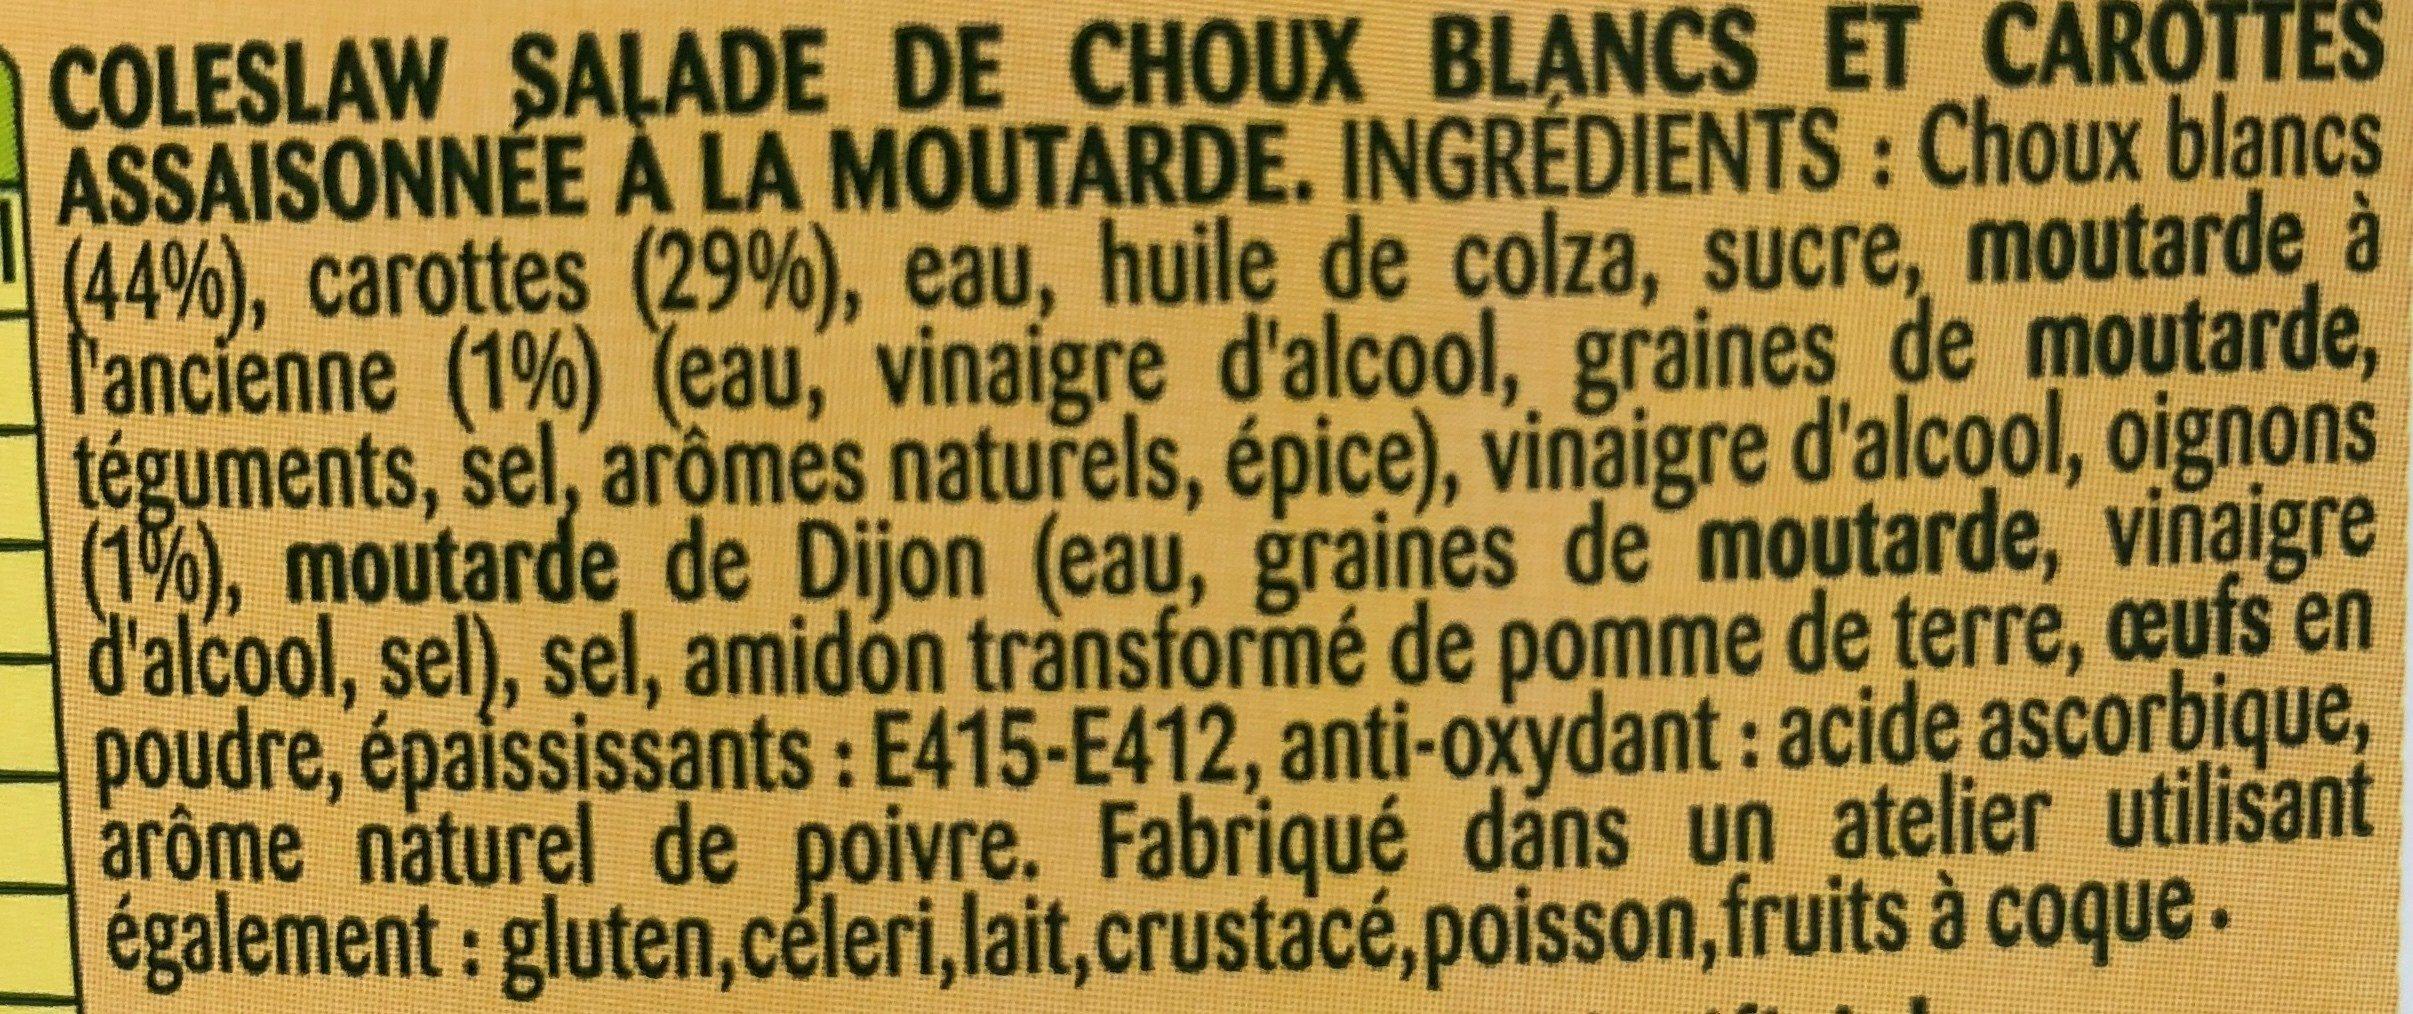 Coleslaw à la moutarde à l'ancienne - Ingrédients - fr